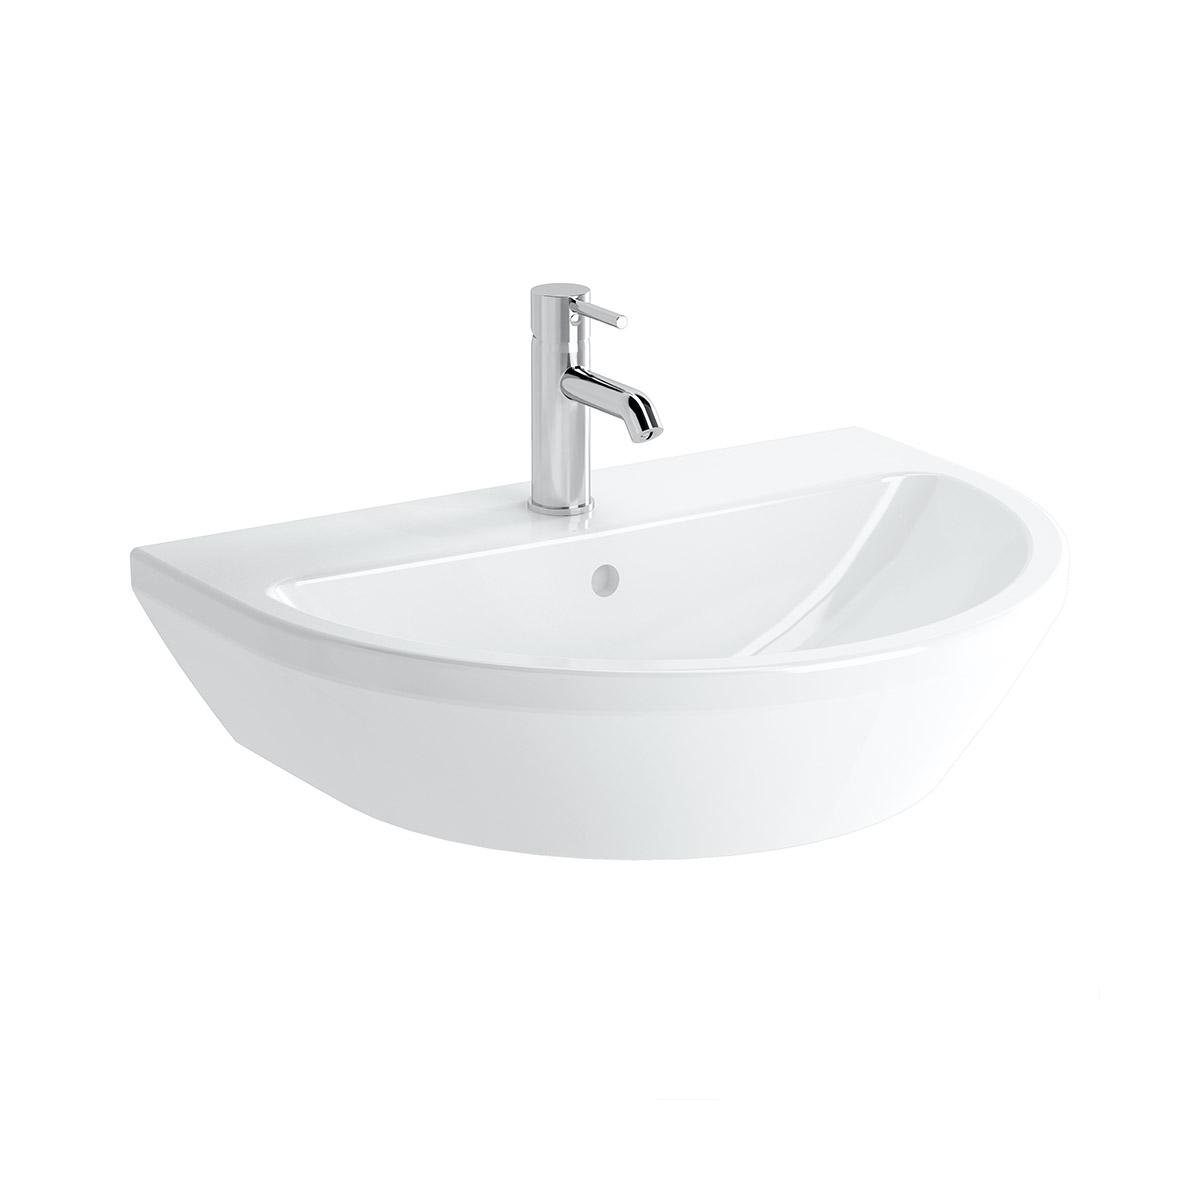 Integra Waschtisch, 55 cm, rund, mit Hahnloch, ohne Überlaufloch, Weiß, VitrA Clean